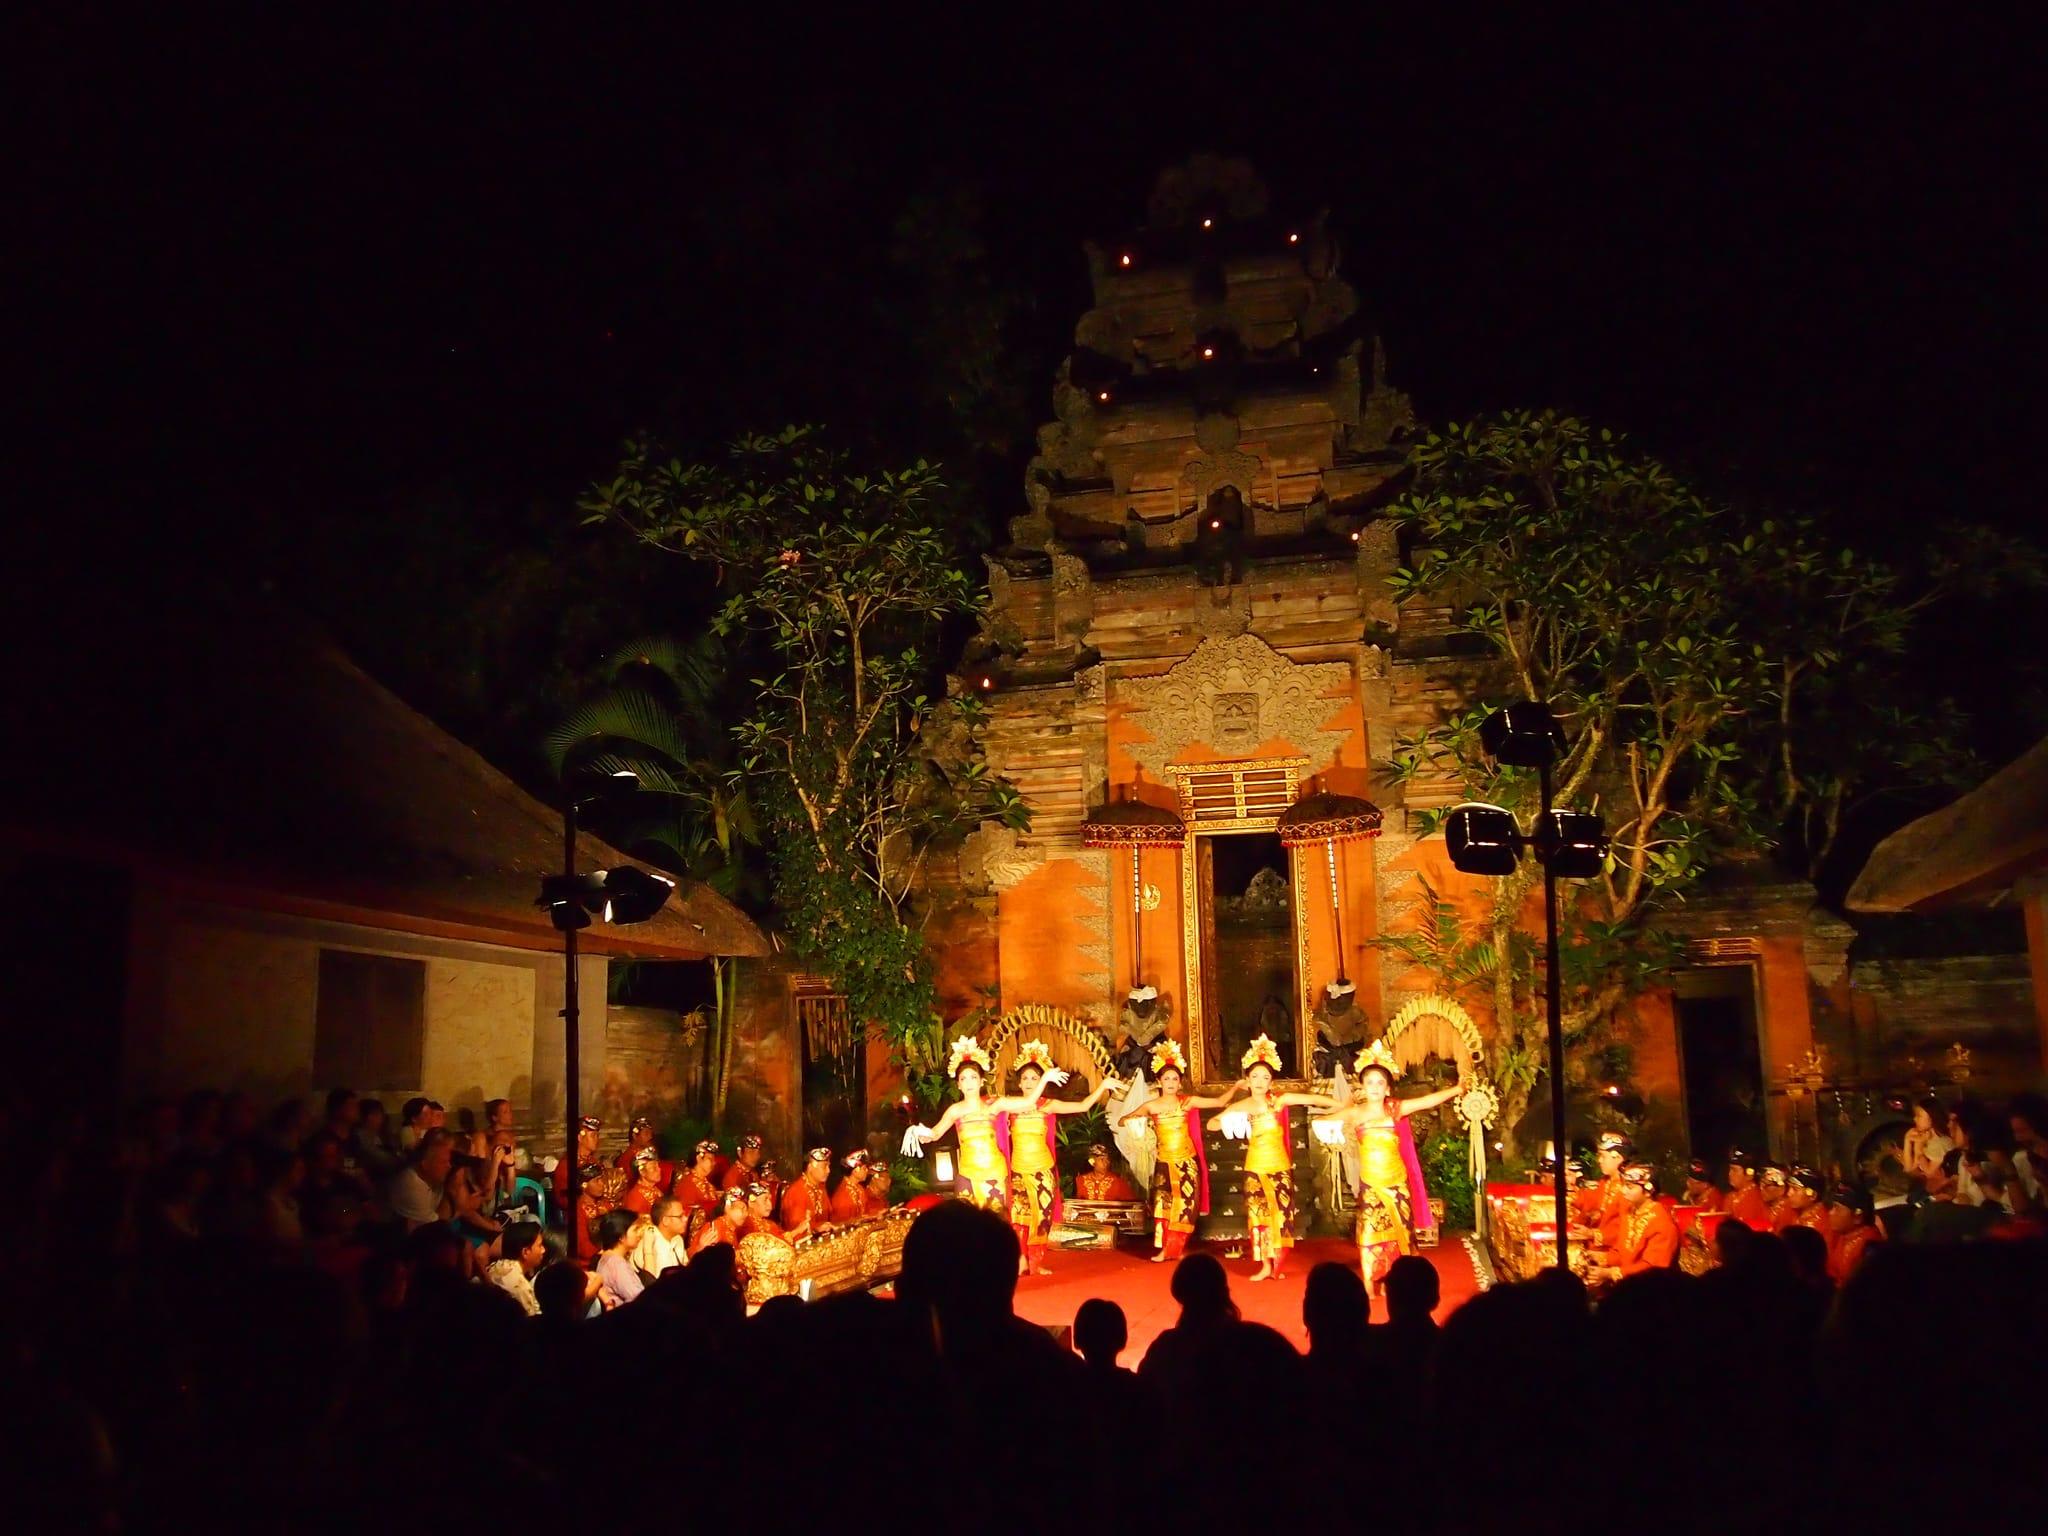 晚間19:30有傳統的歌舞表演。來源:http://bit.ly/2A14TUP。